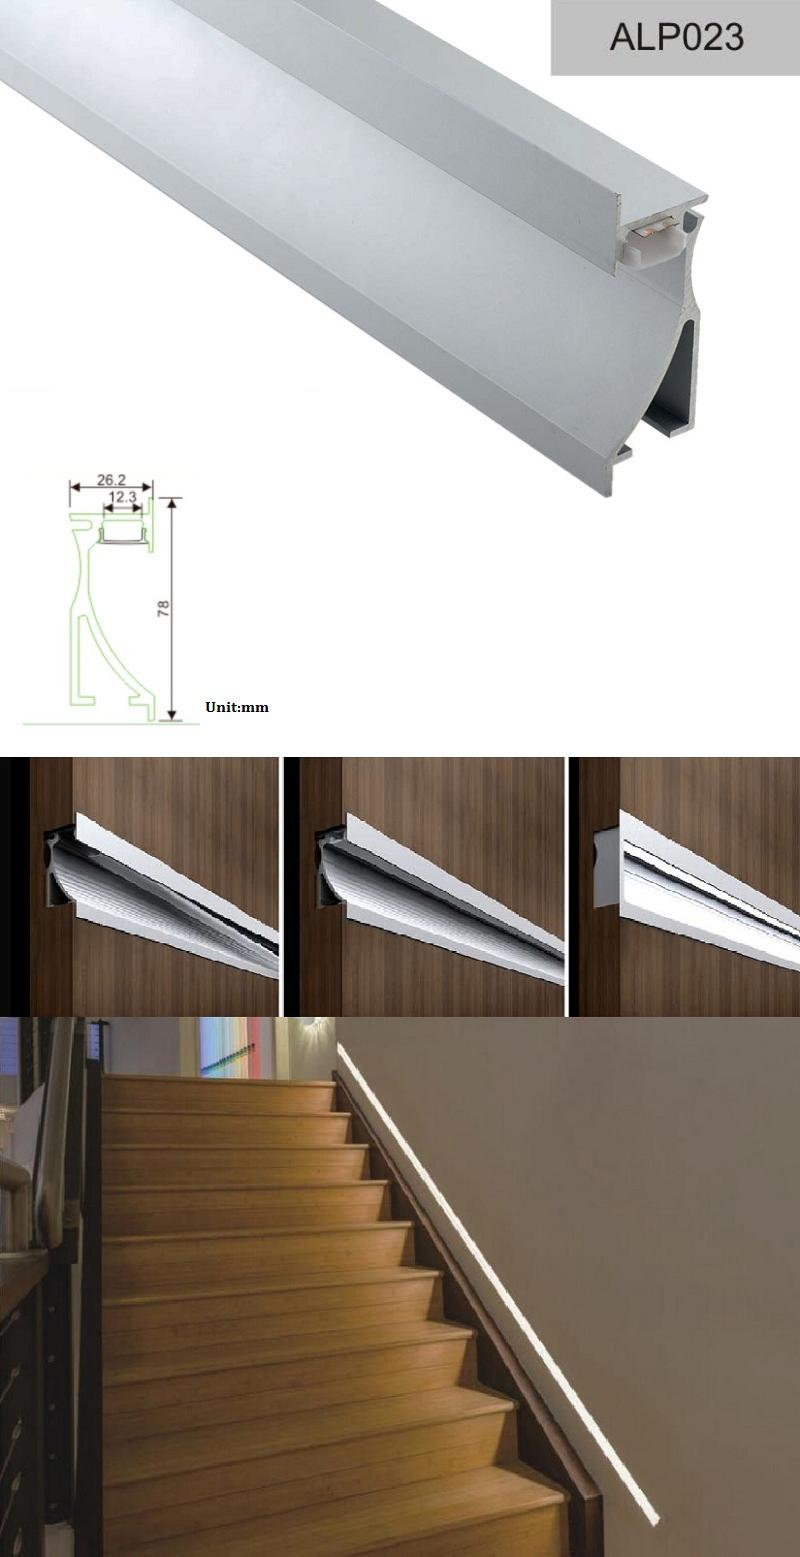 Recessed Aluminium LED Light Profile Review